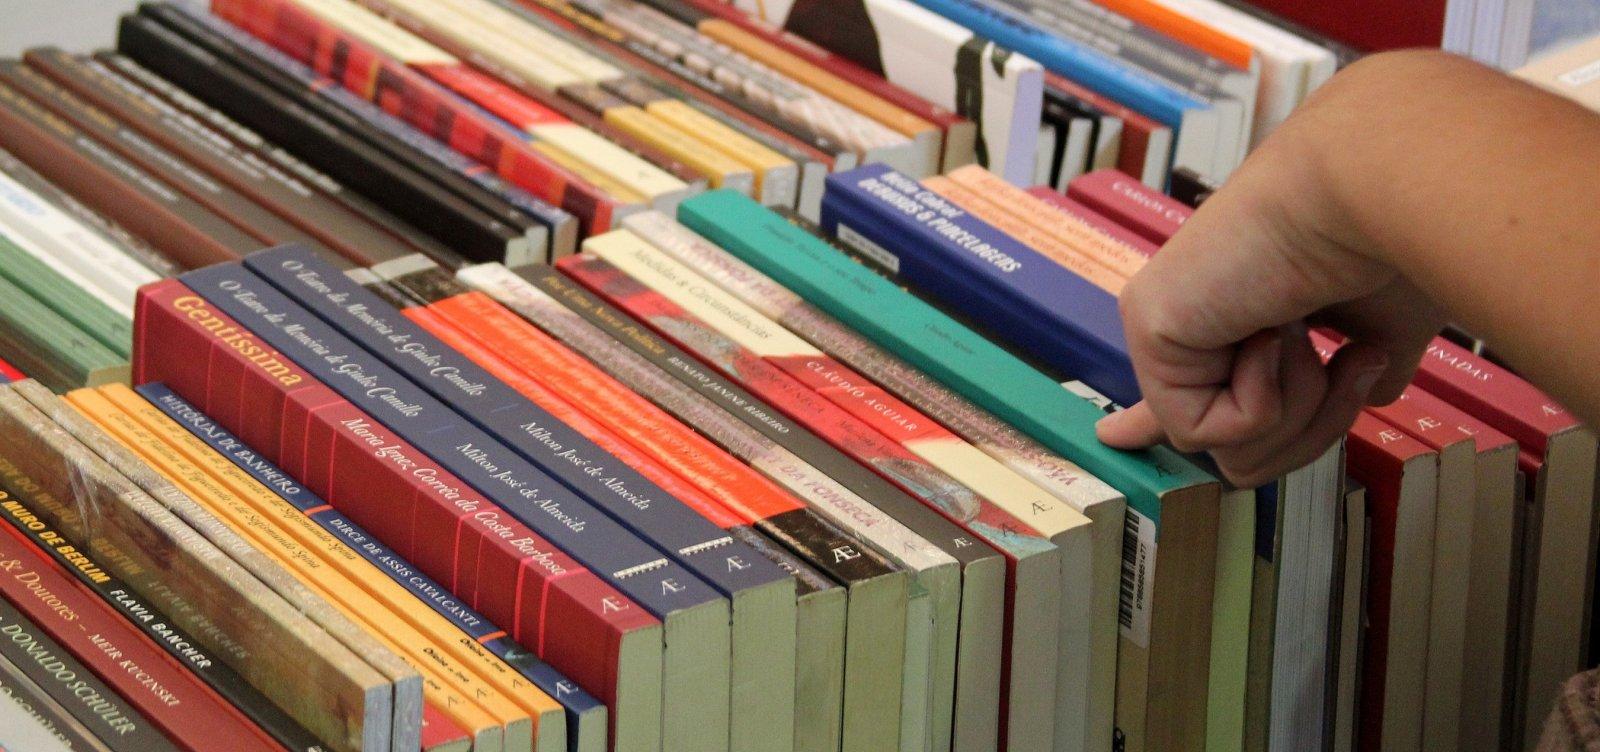 [Estudantes da rede pública passam a receber obras literárias em 2019]